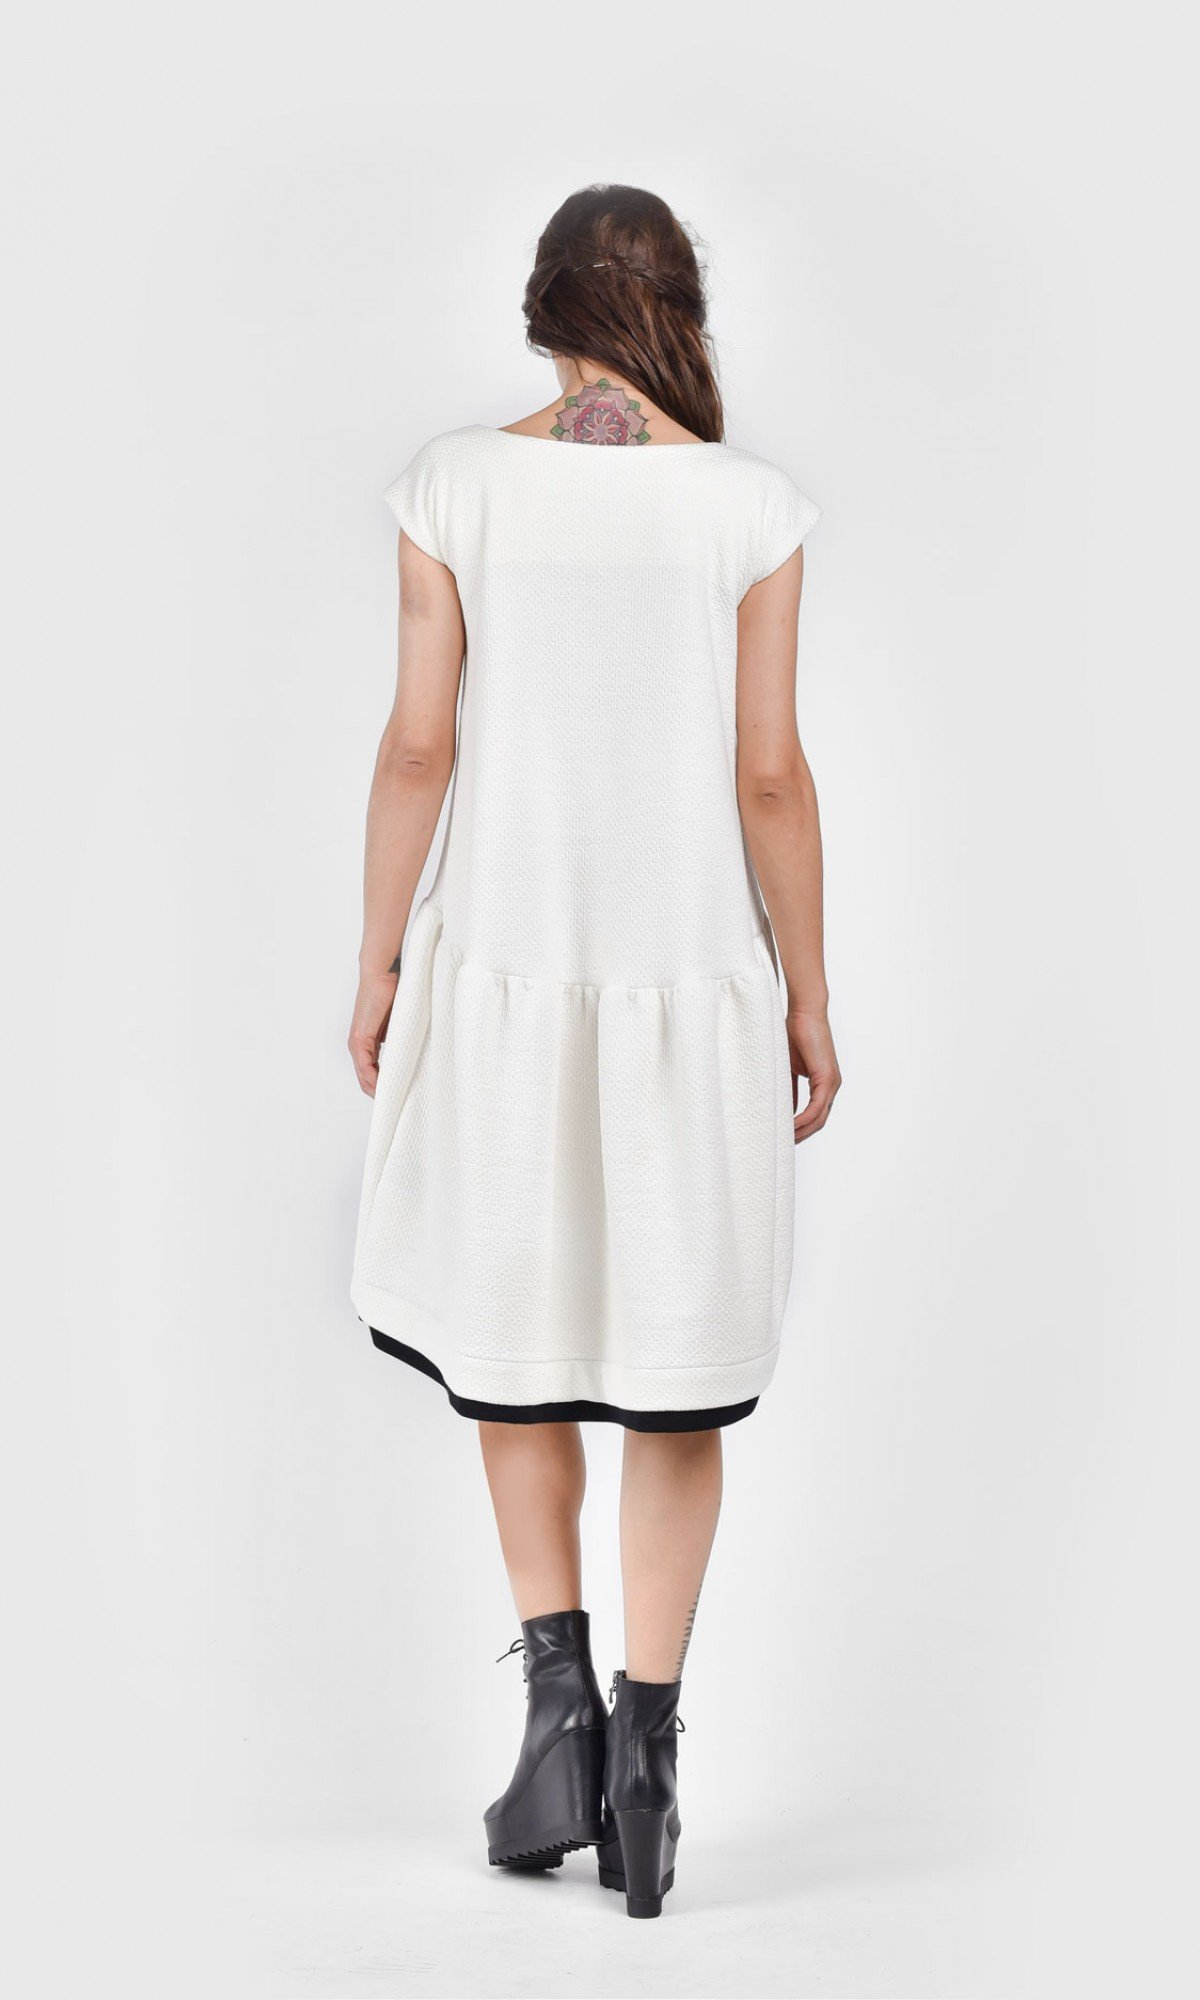 Autumn Sexy Off-White Mini Dress A03486